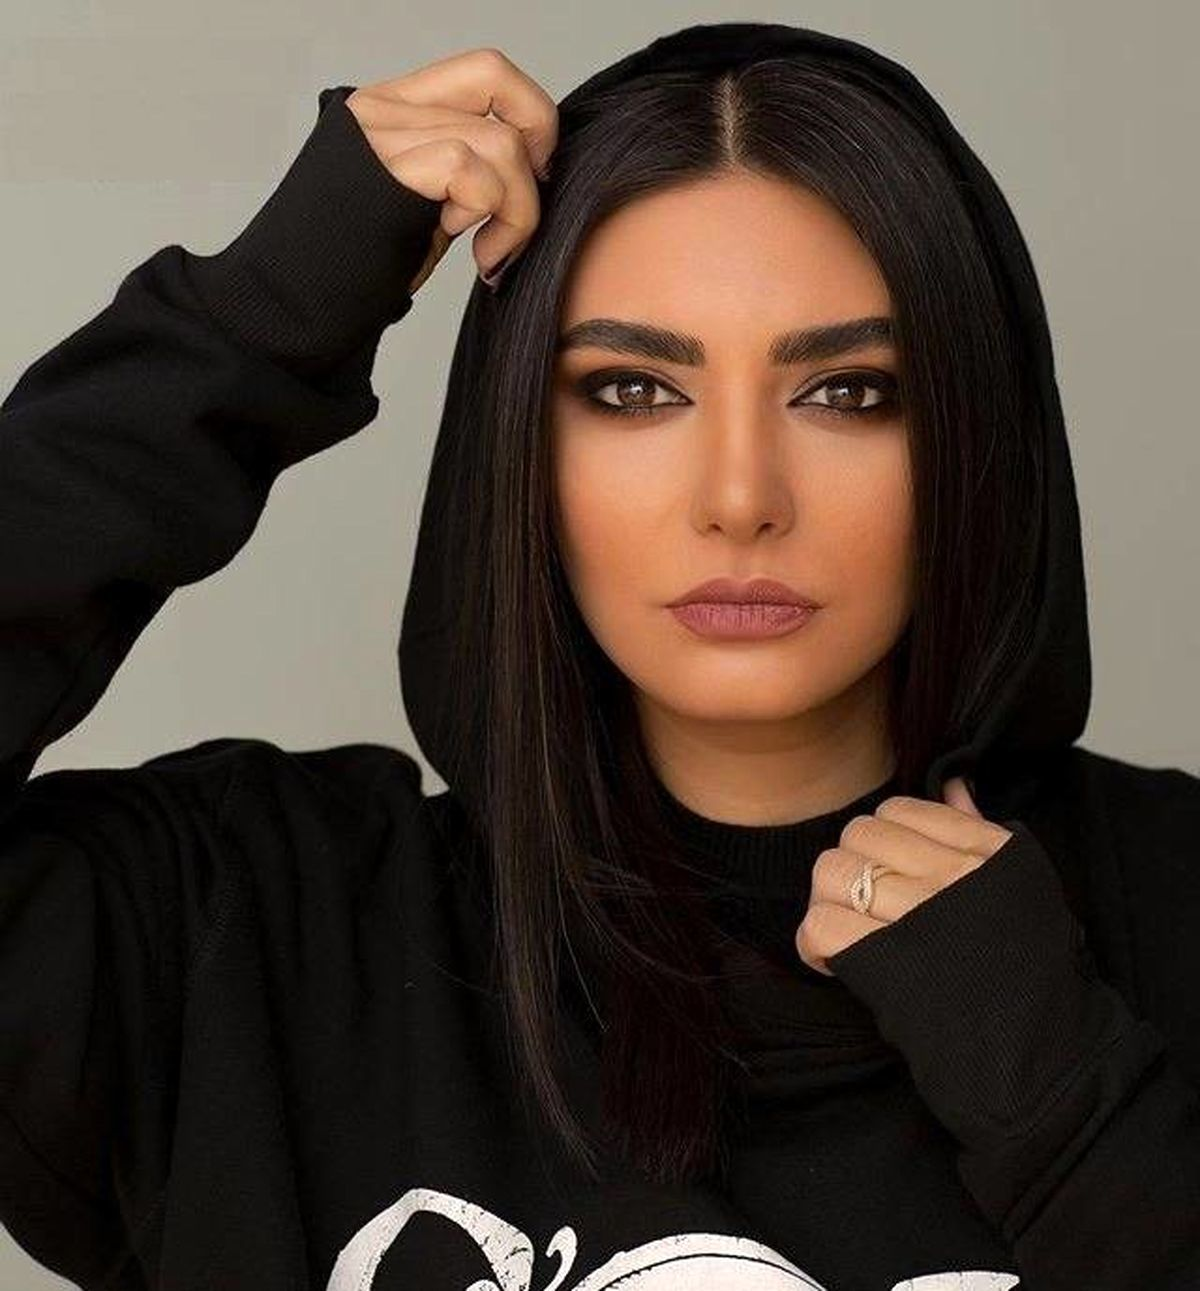 خانم بازیگر معروف پایتخت ازدواج کرد + عکس دونفره